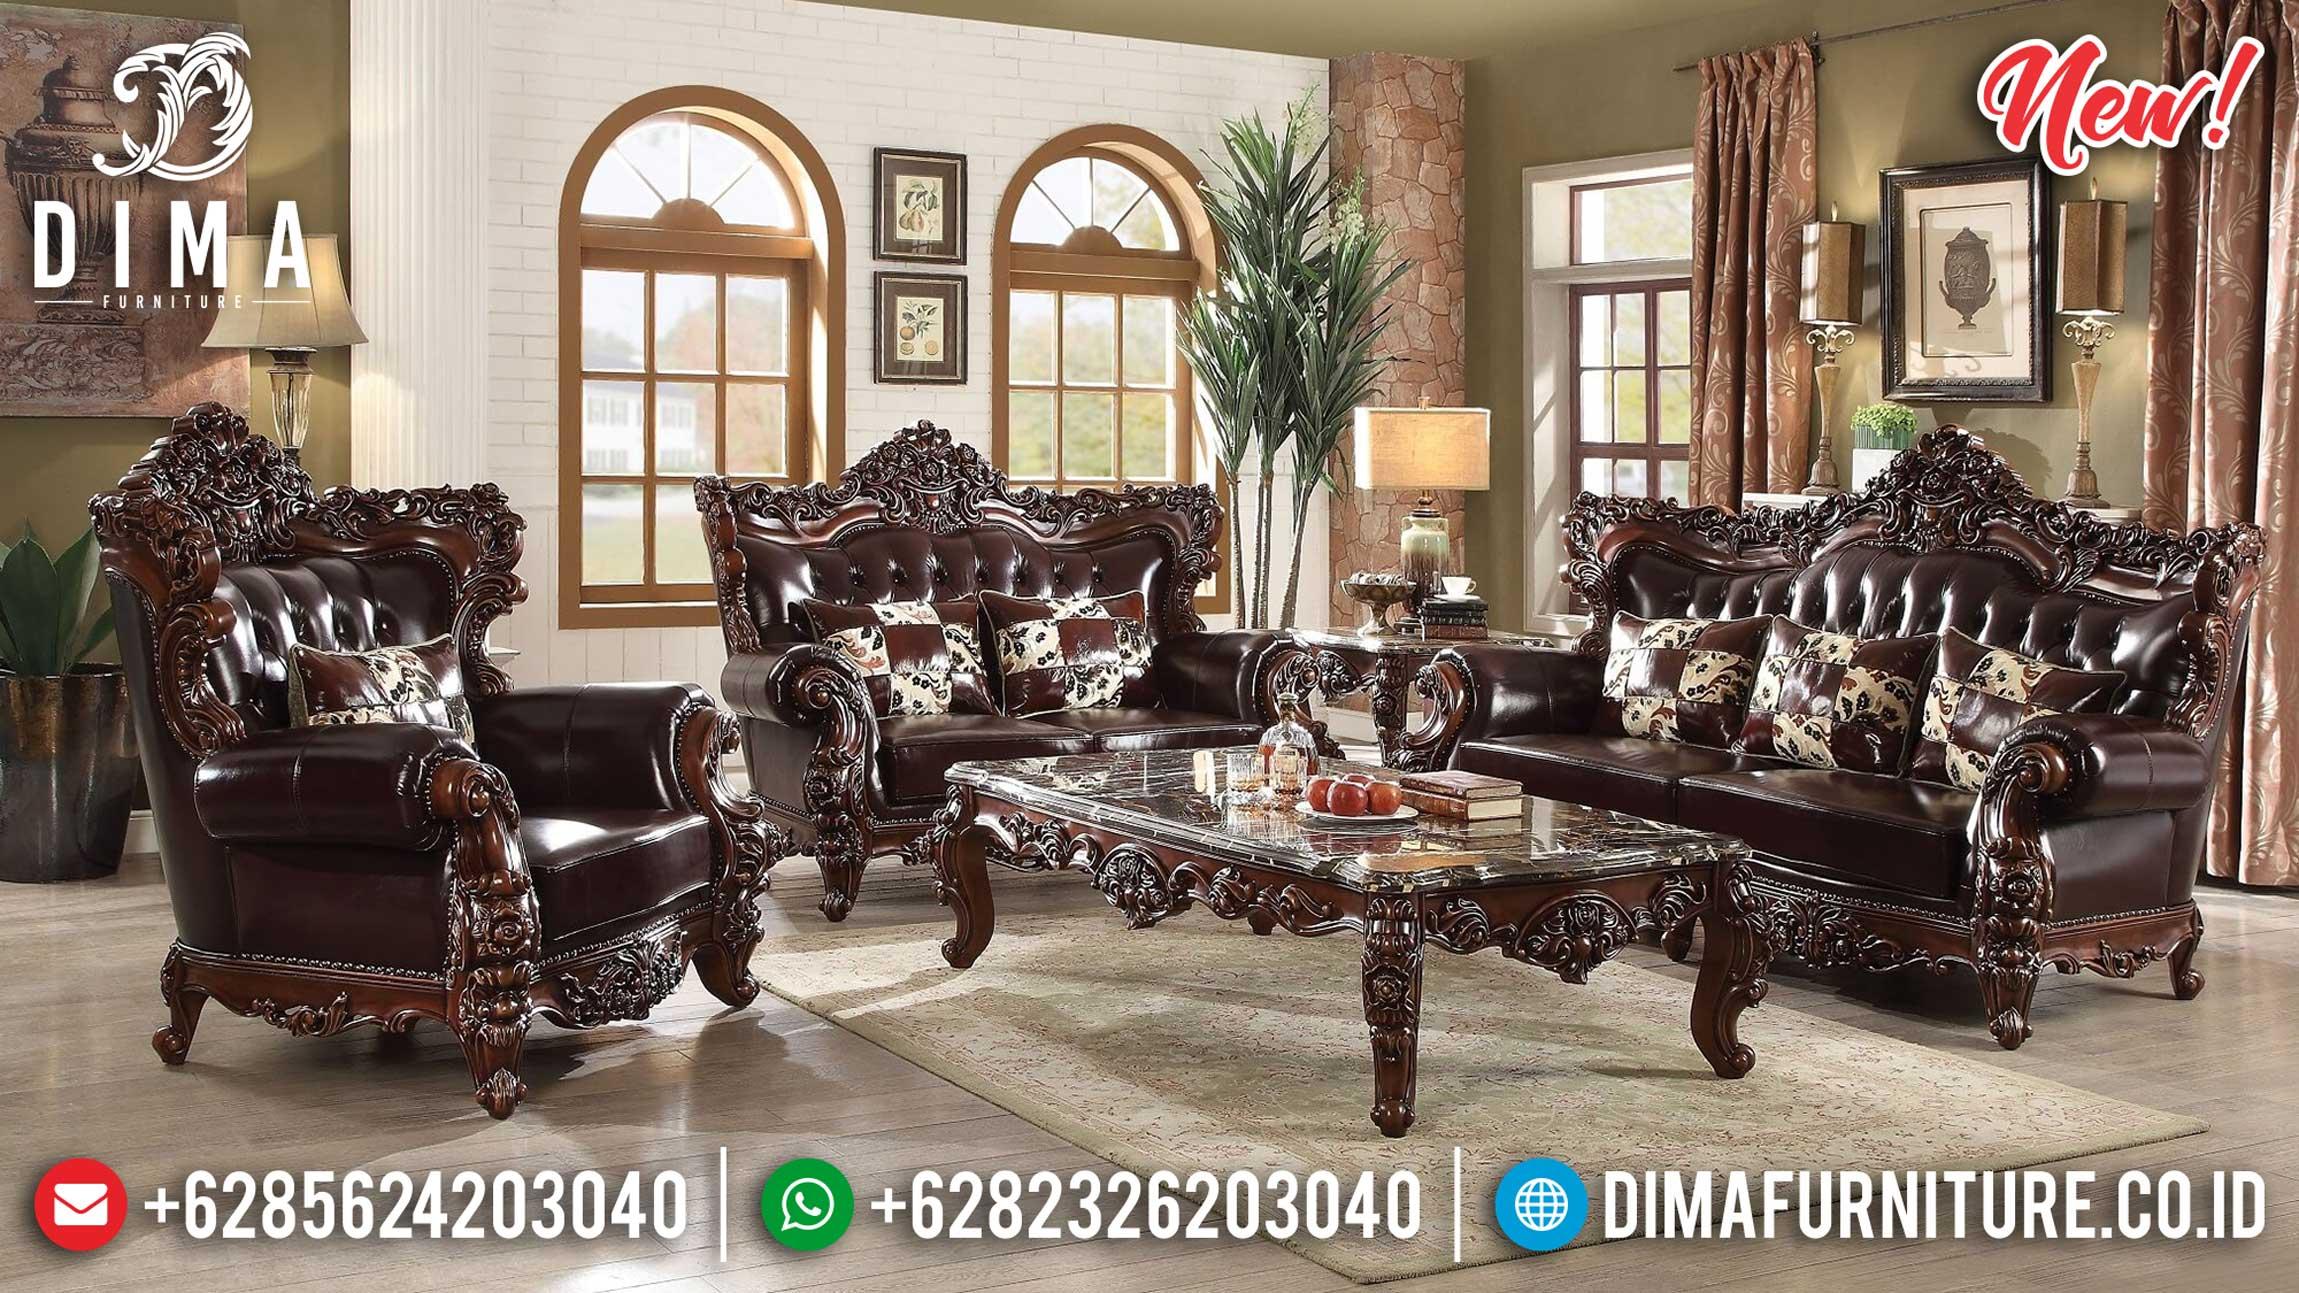 Classic Style Sofa Tamu Mewah Jati Natural Luxury Carving Furniture Jepara ST-0983